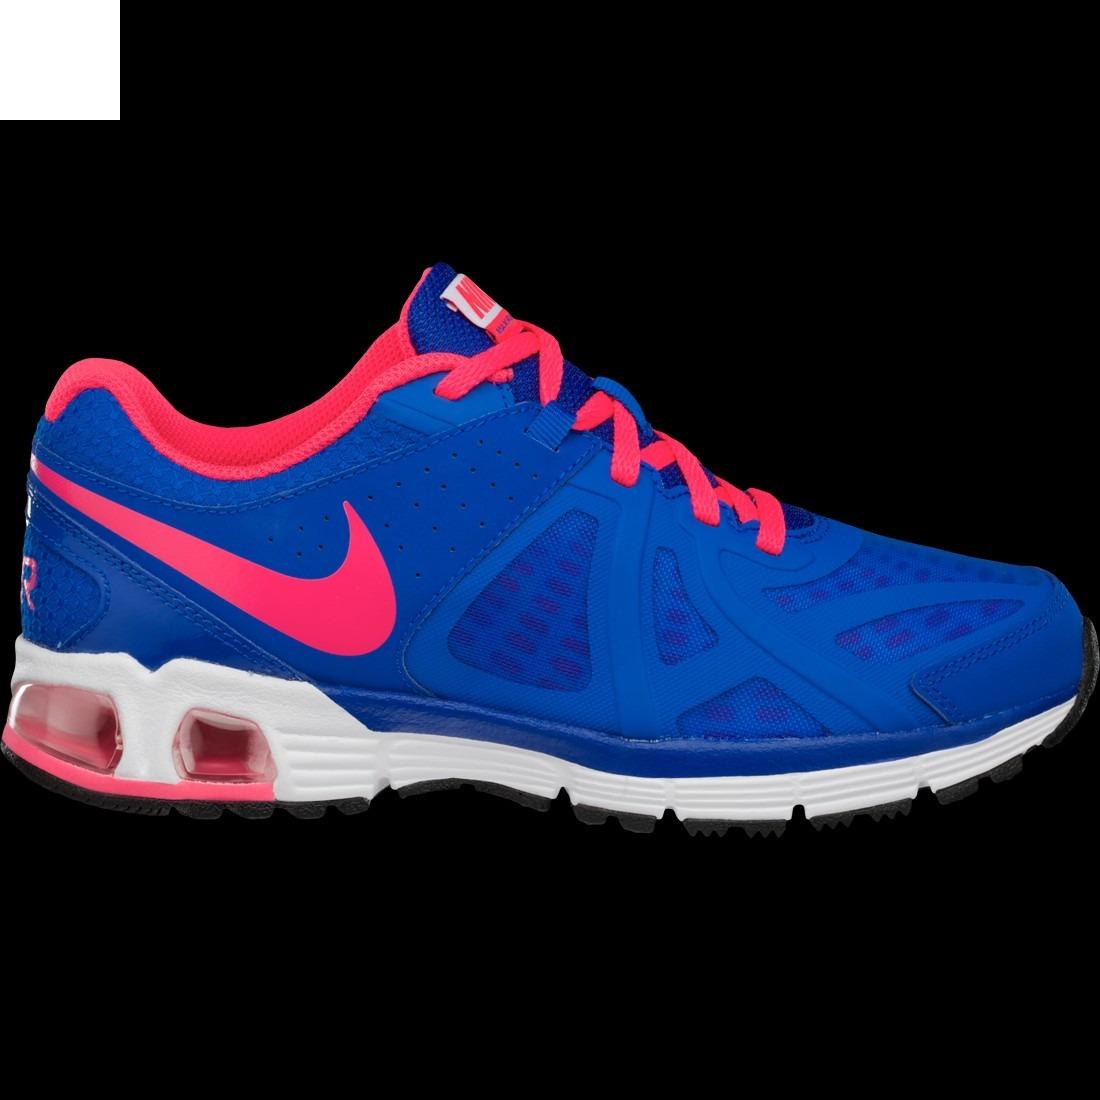 Lite 4 Fucsia Con Tenis Run Max Air Nike Azul Mujer Dña H9IDE2WY